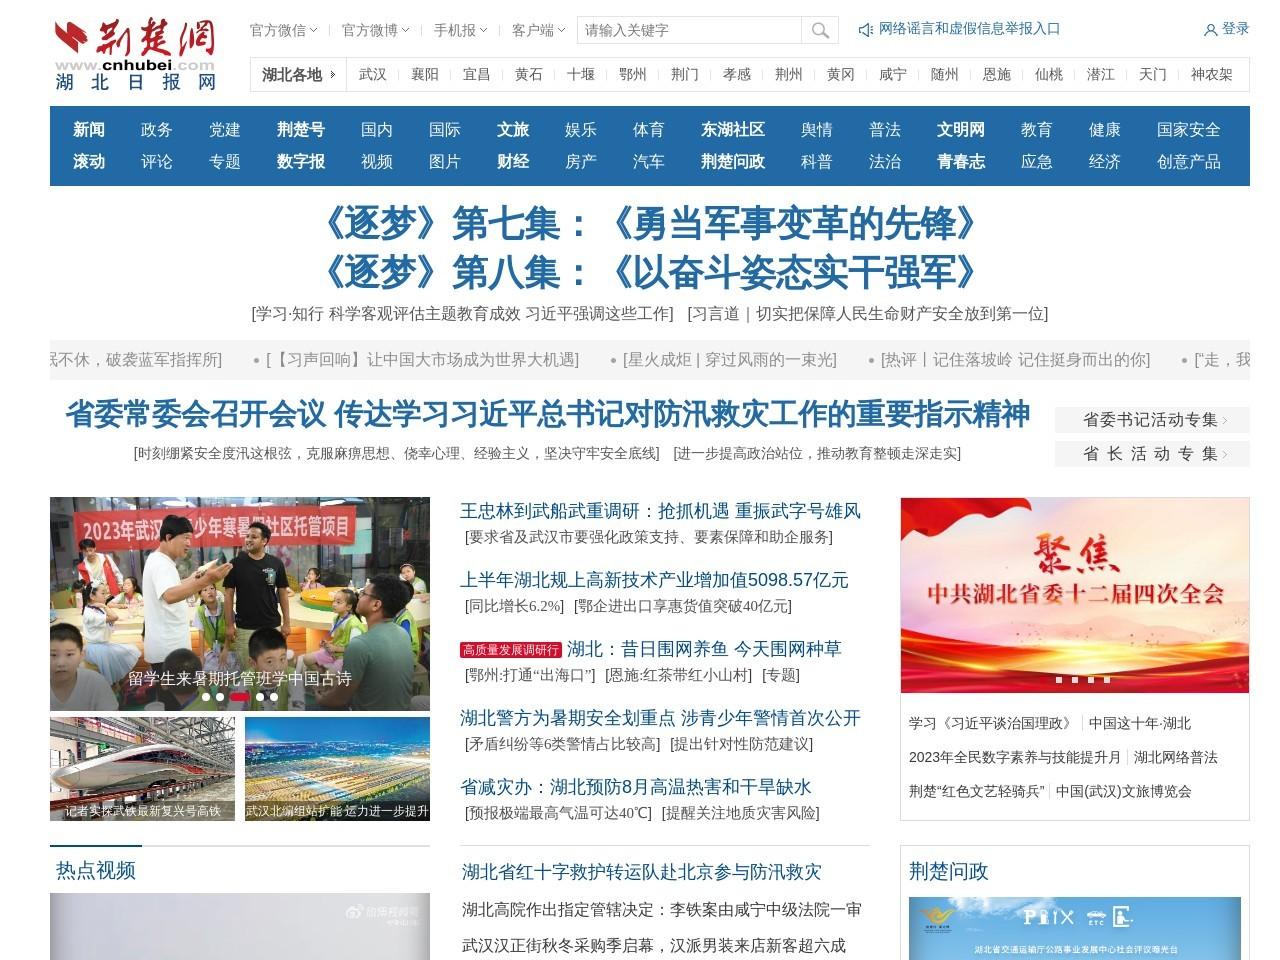 荆楚网的网站截图